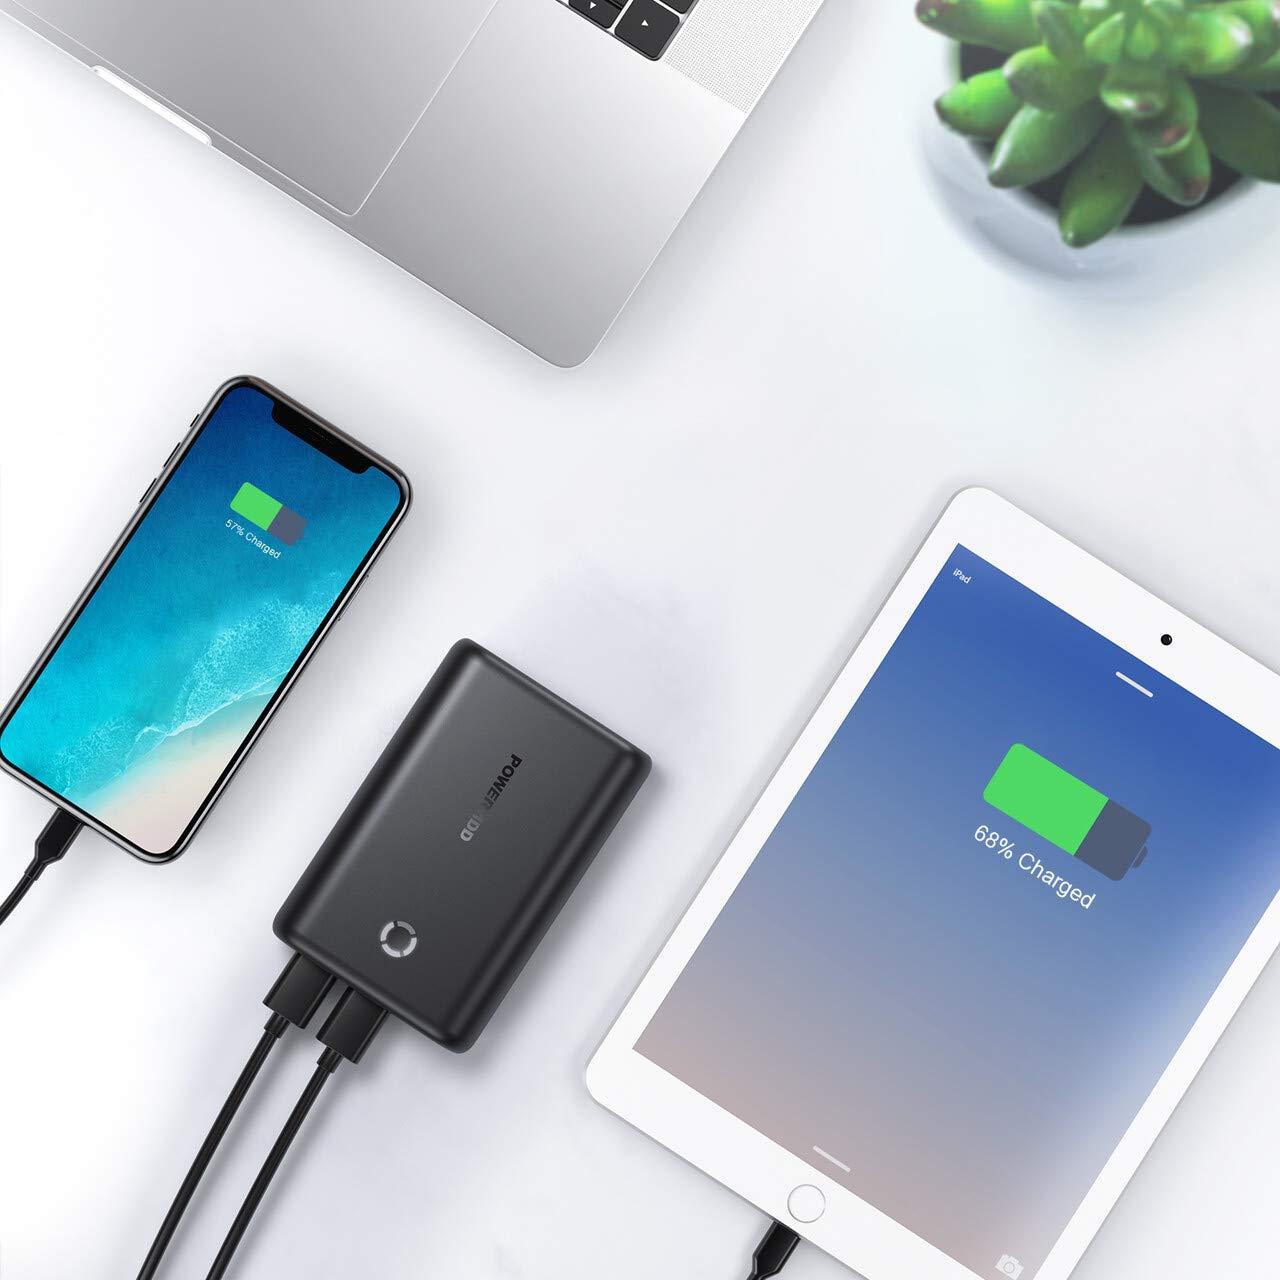 POWERADD EnergyCell Powerbank 15000mAh Batería Externa Cargador Portátil para iPhone,Samsung,Huawei,Xiaomi,Tablets -Negro